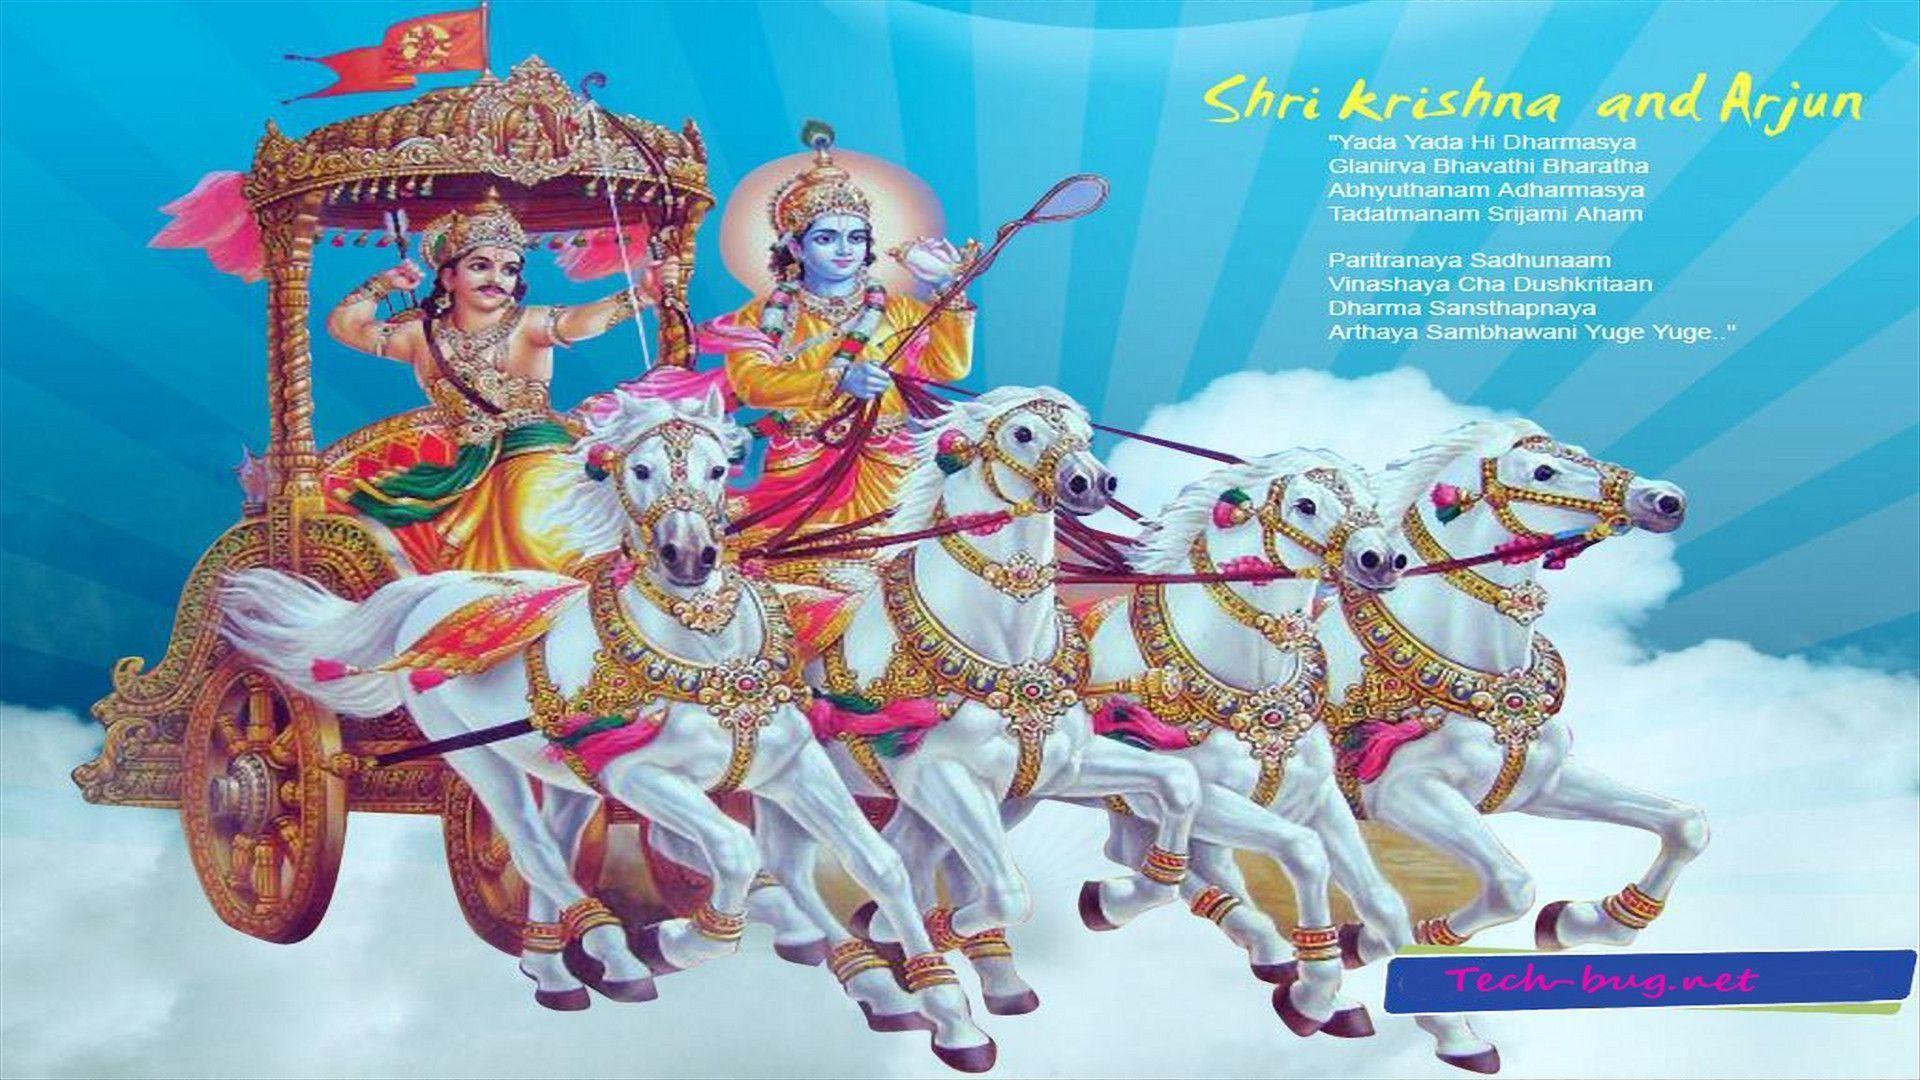 50+] Lord Krishna Wallpaper 2015 on WallpaperSafari